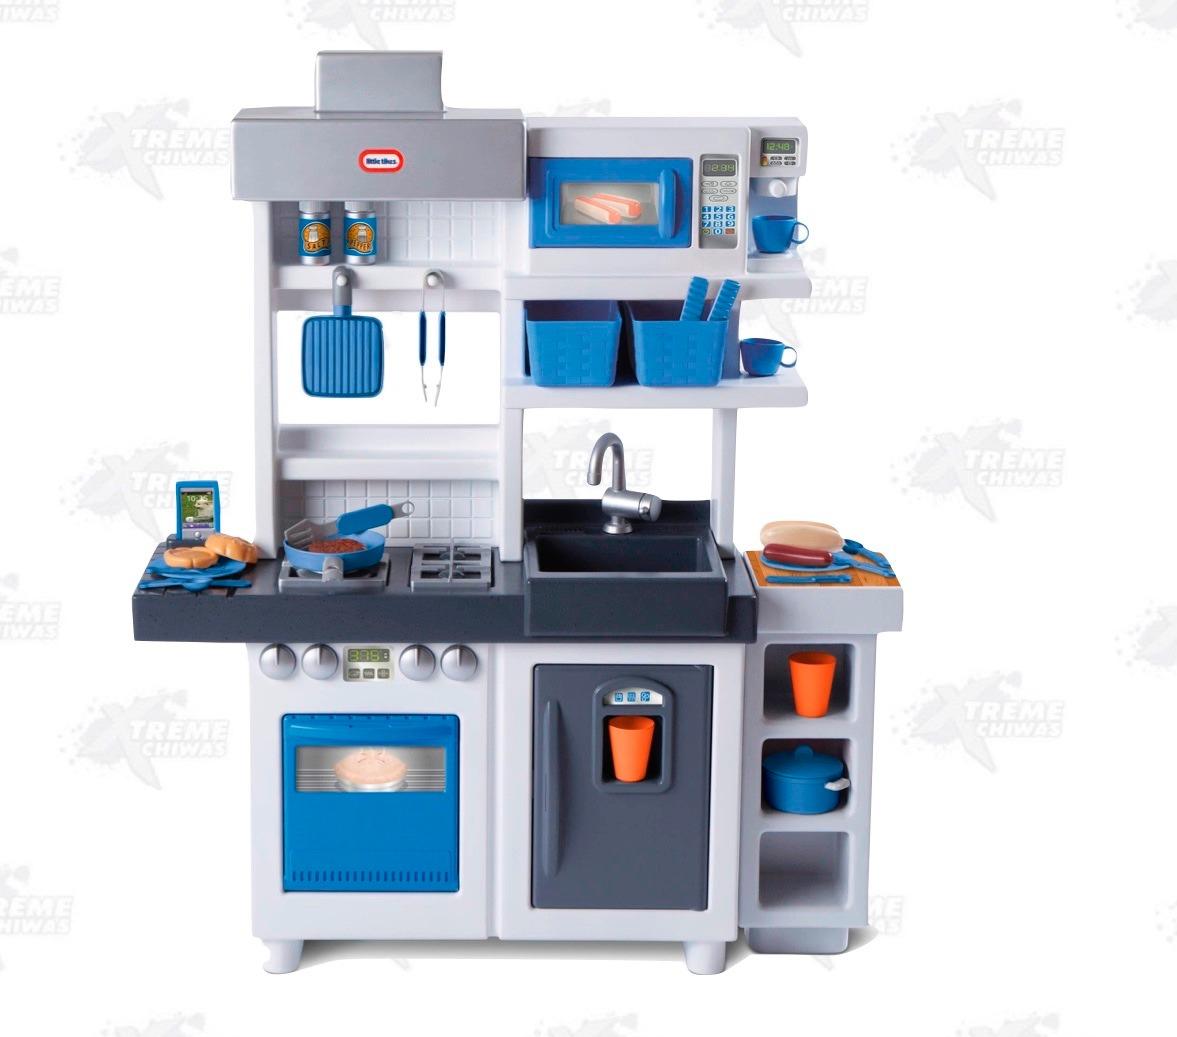 Juguete cocina para ni os completa little tikes xtreme p - Cocina ninos juguete ...